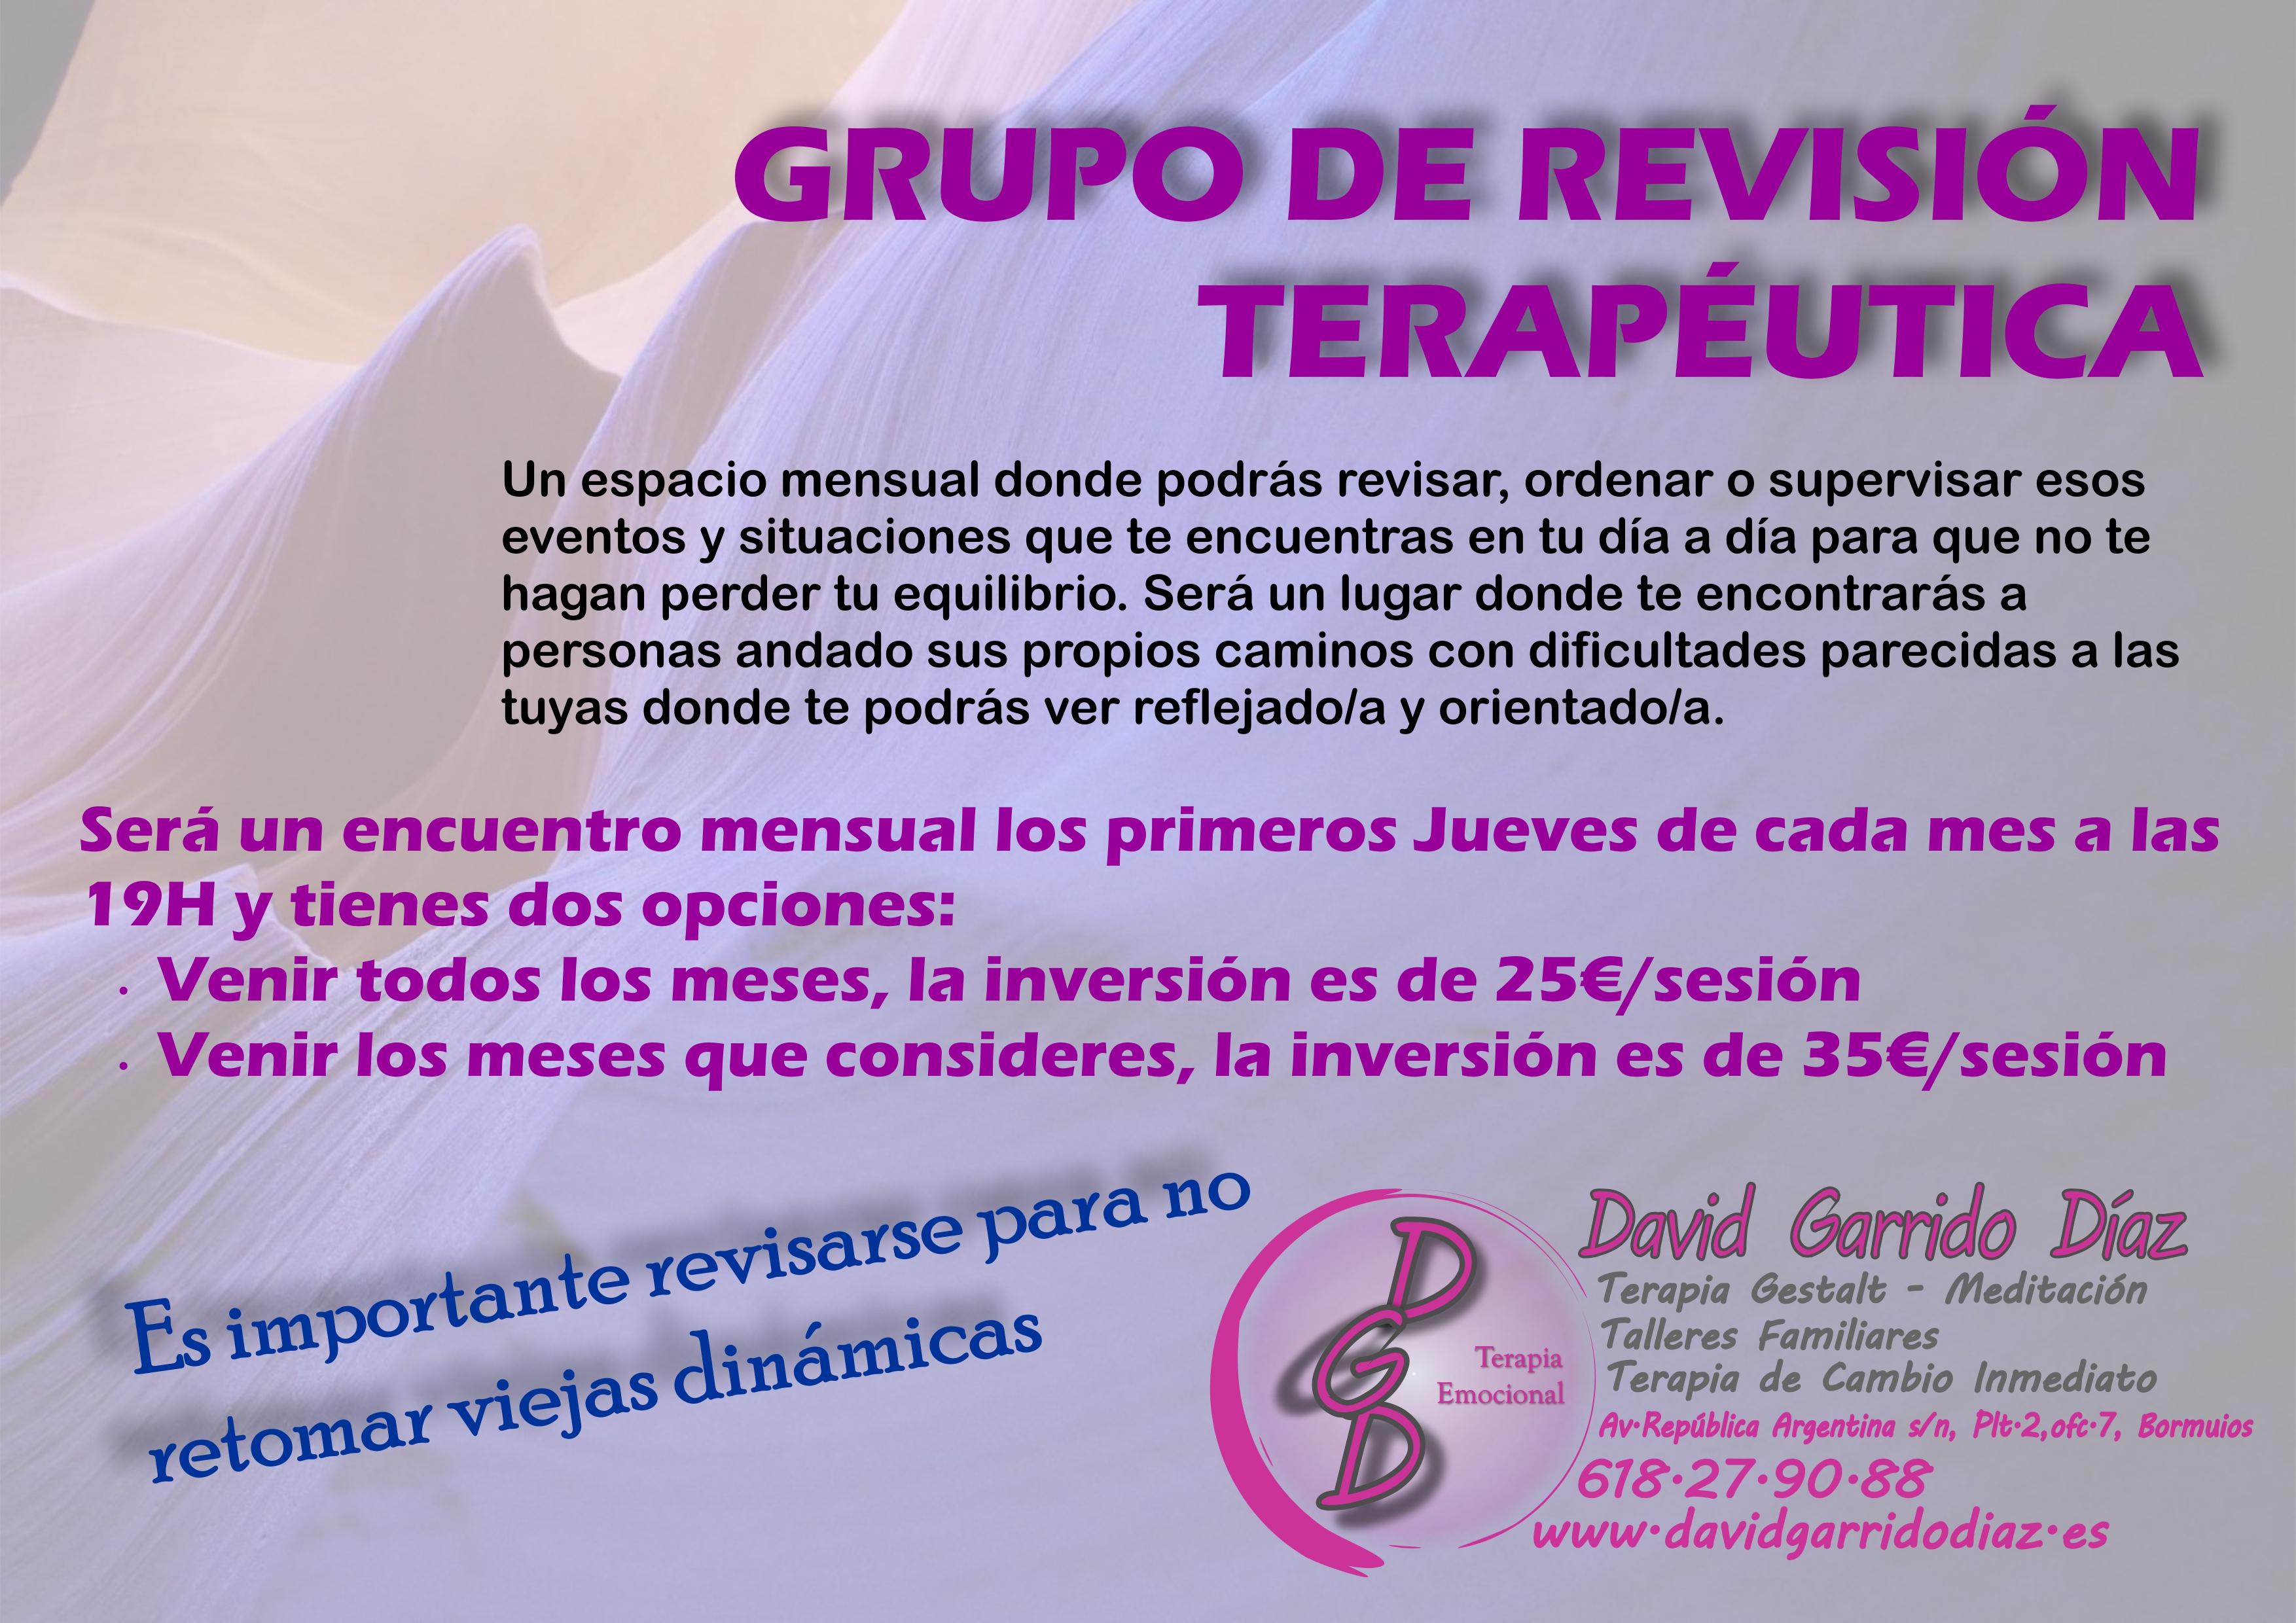 Grupo de revisión terapéutica